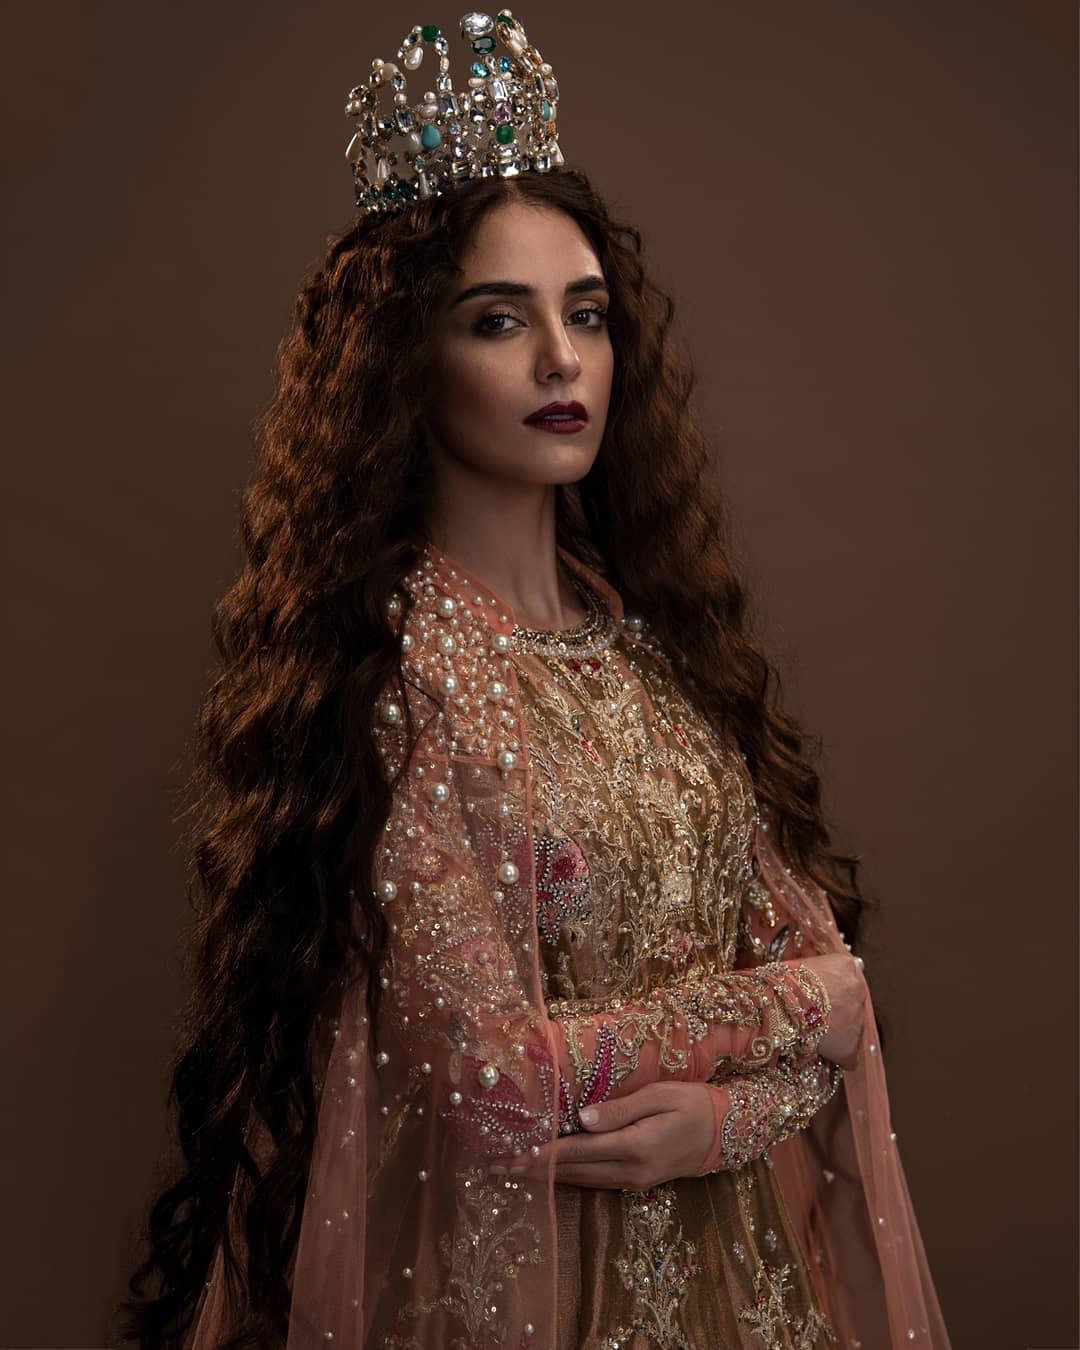 Maya Ali is Looking Stunning in Bridal Shoot for Ali Xeeshan